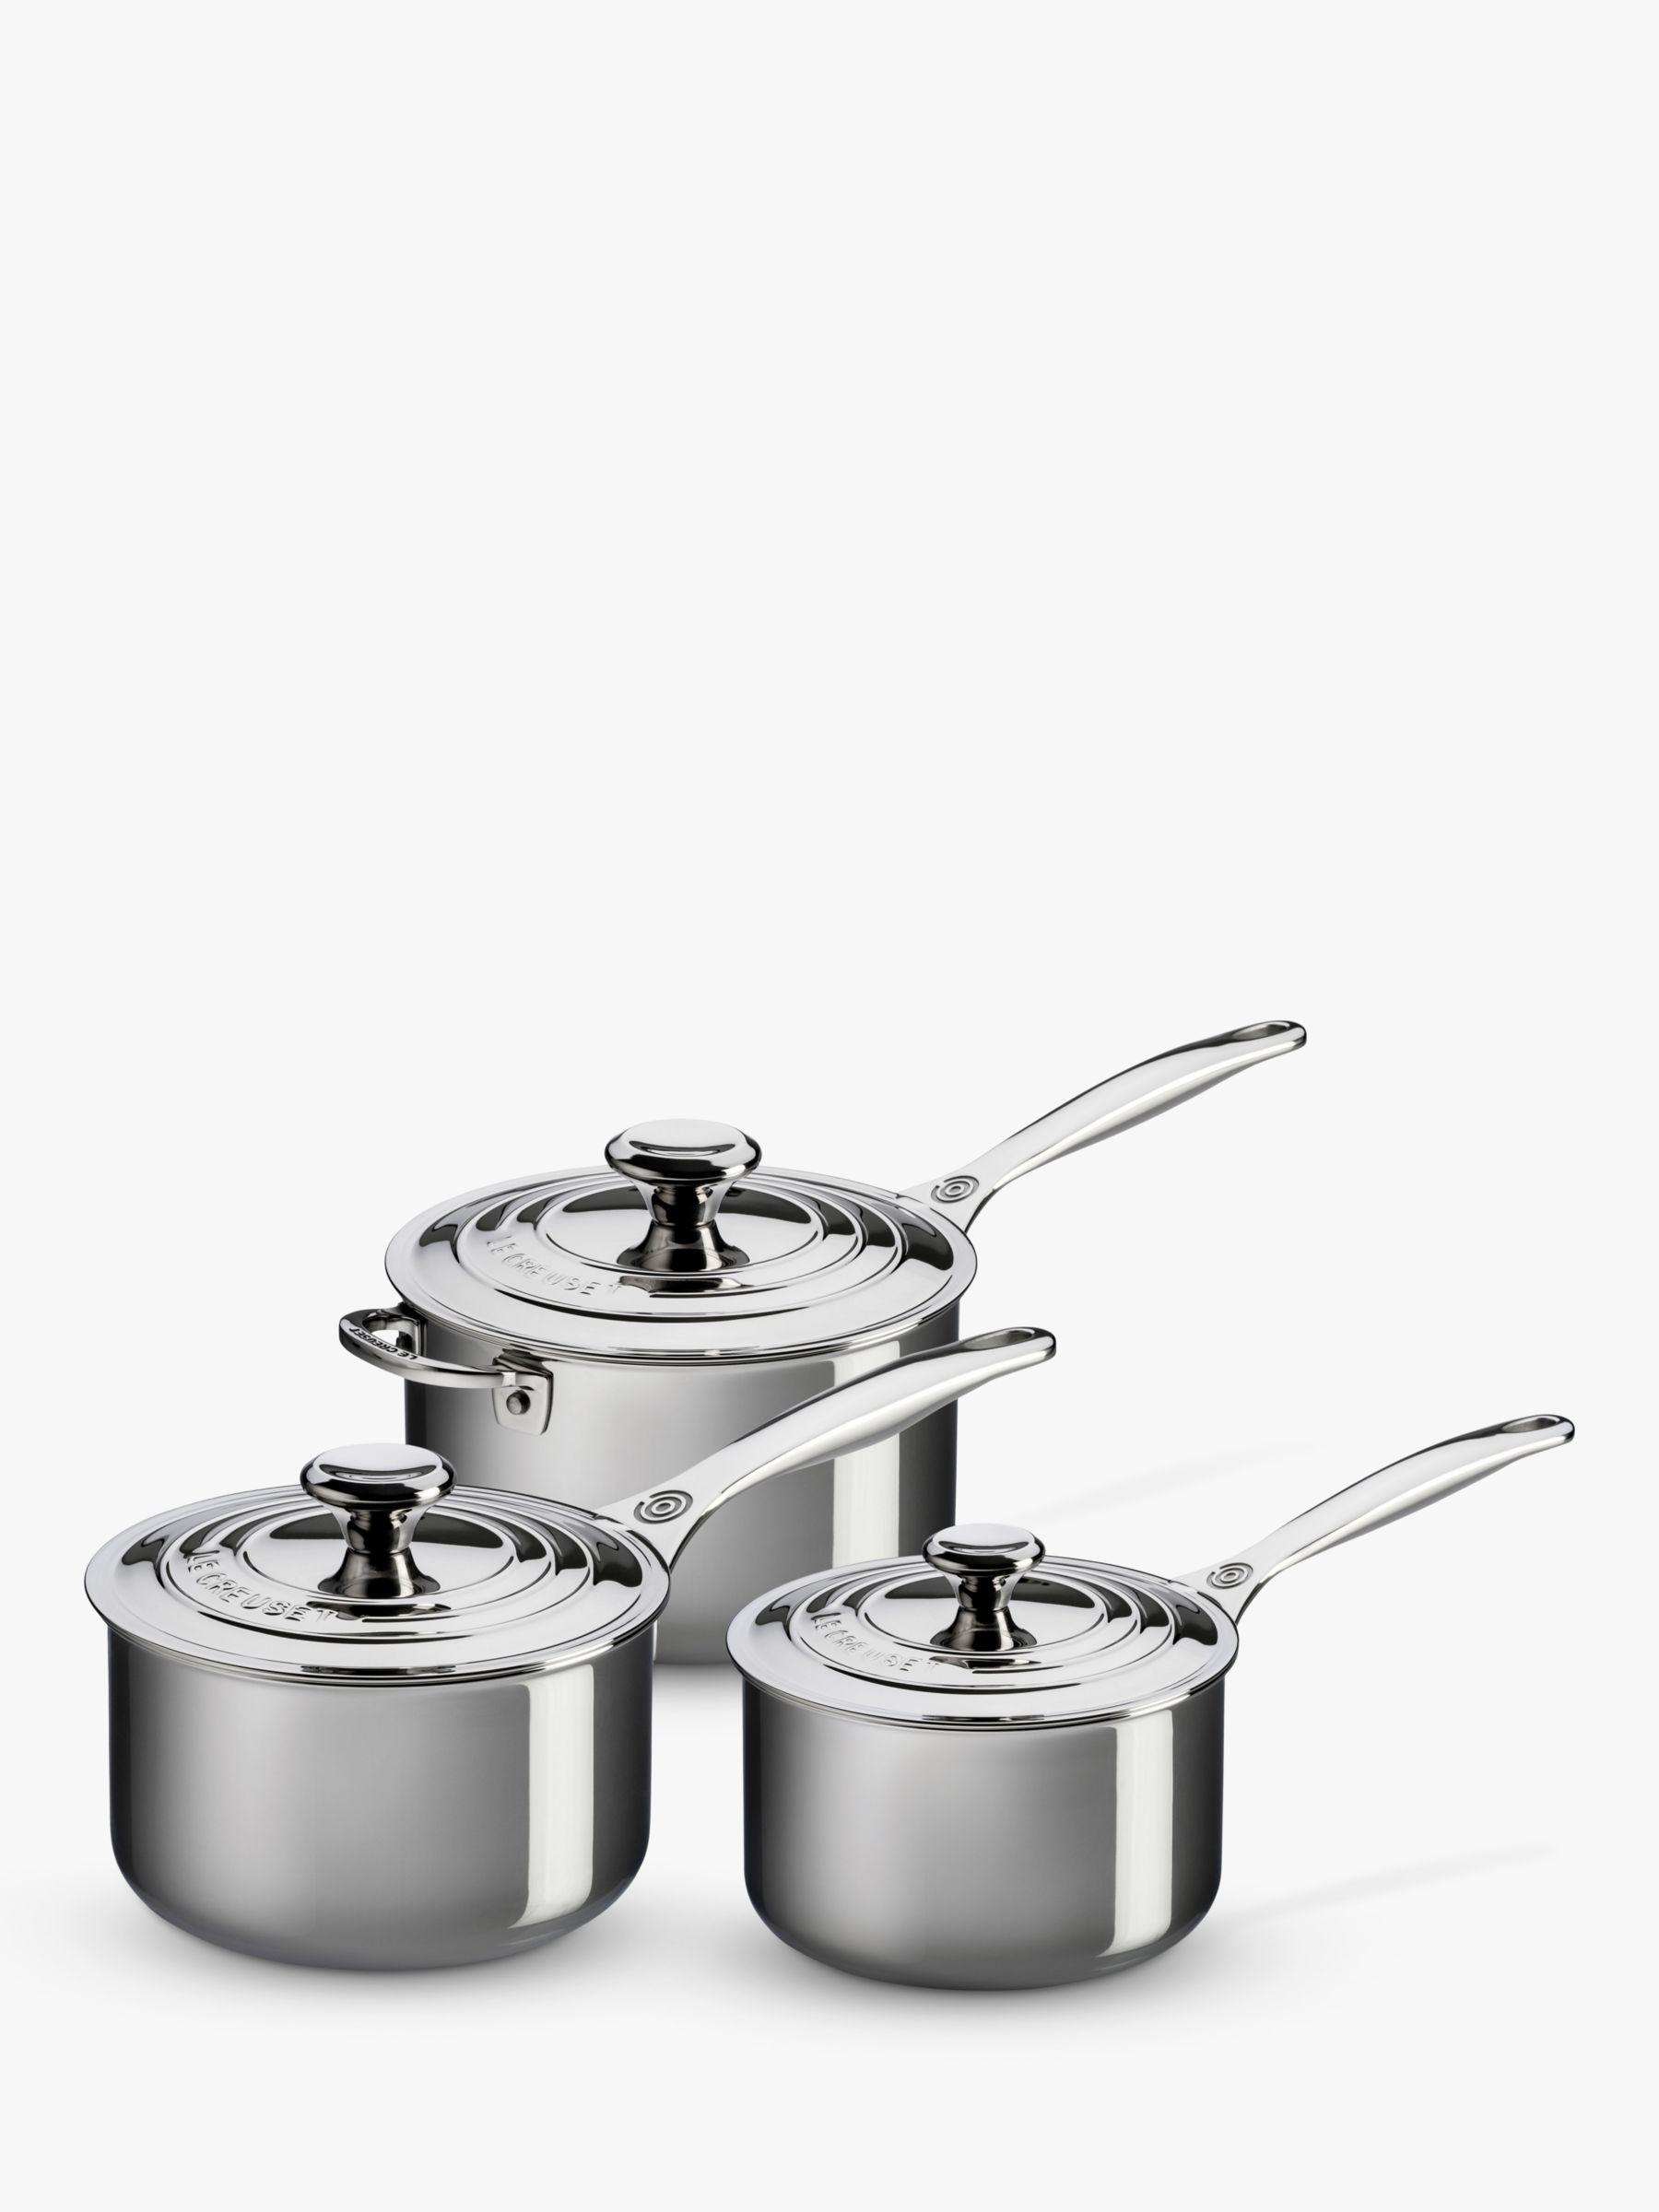 Le Creuset Le Creuset Signature 3-Ply Stainless Steel Saucepan & Lid Set, 3 Piece